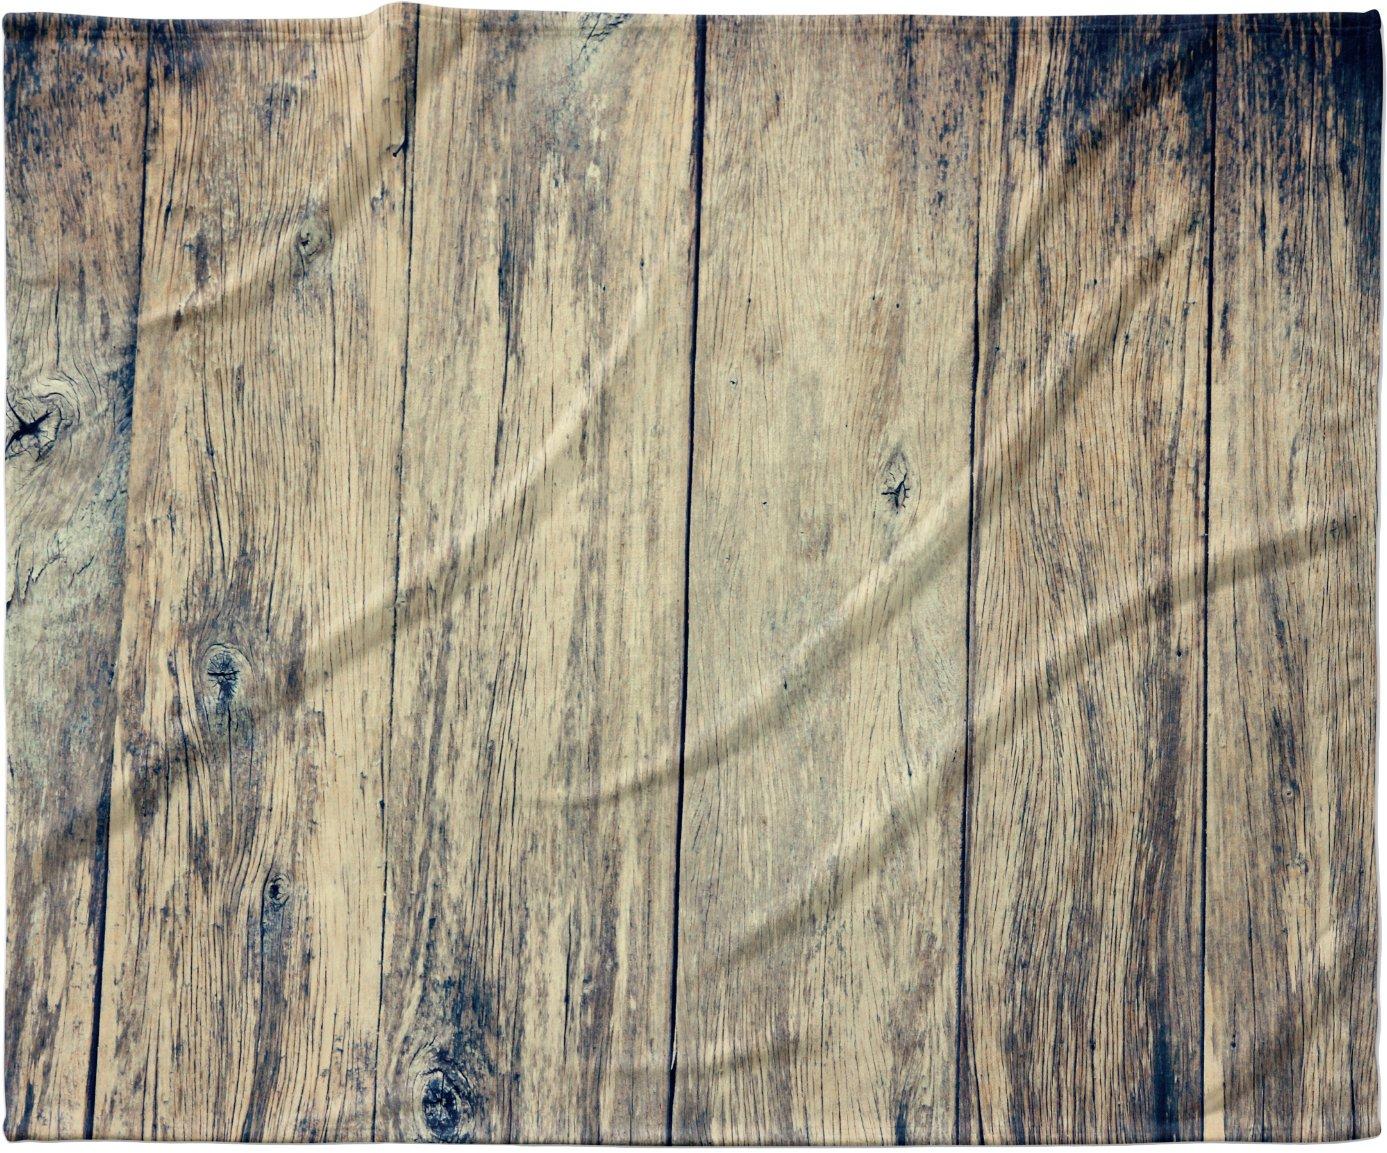 KESS InHouse Beth Engel ''Wood Photography II'' Fleece Baby Blanket, 40'' x 30''